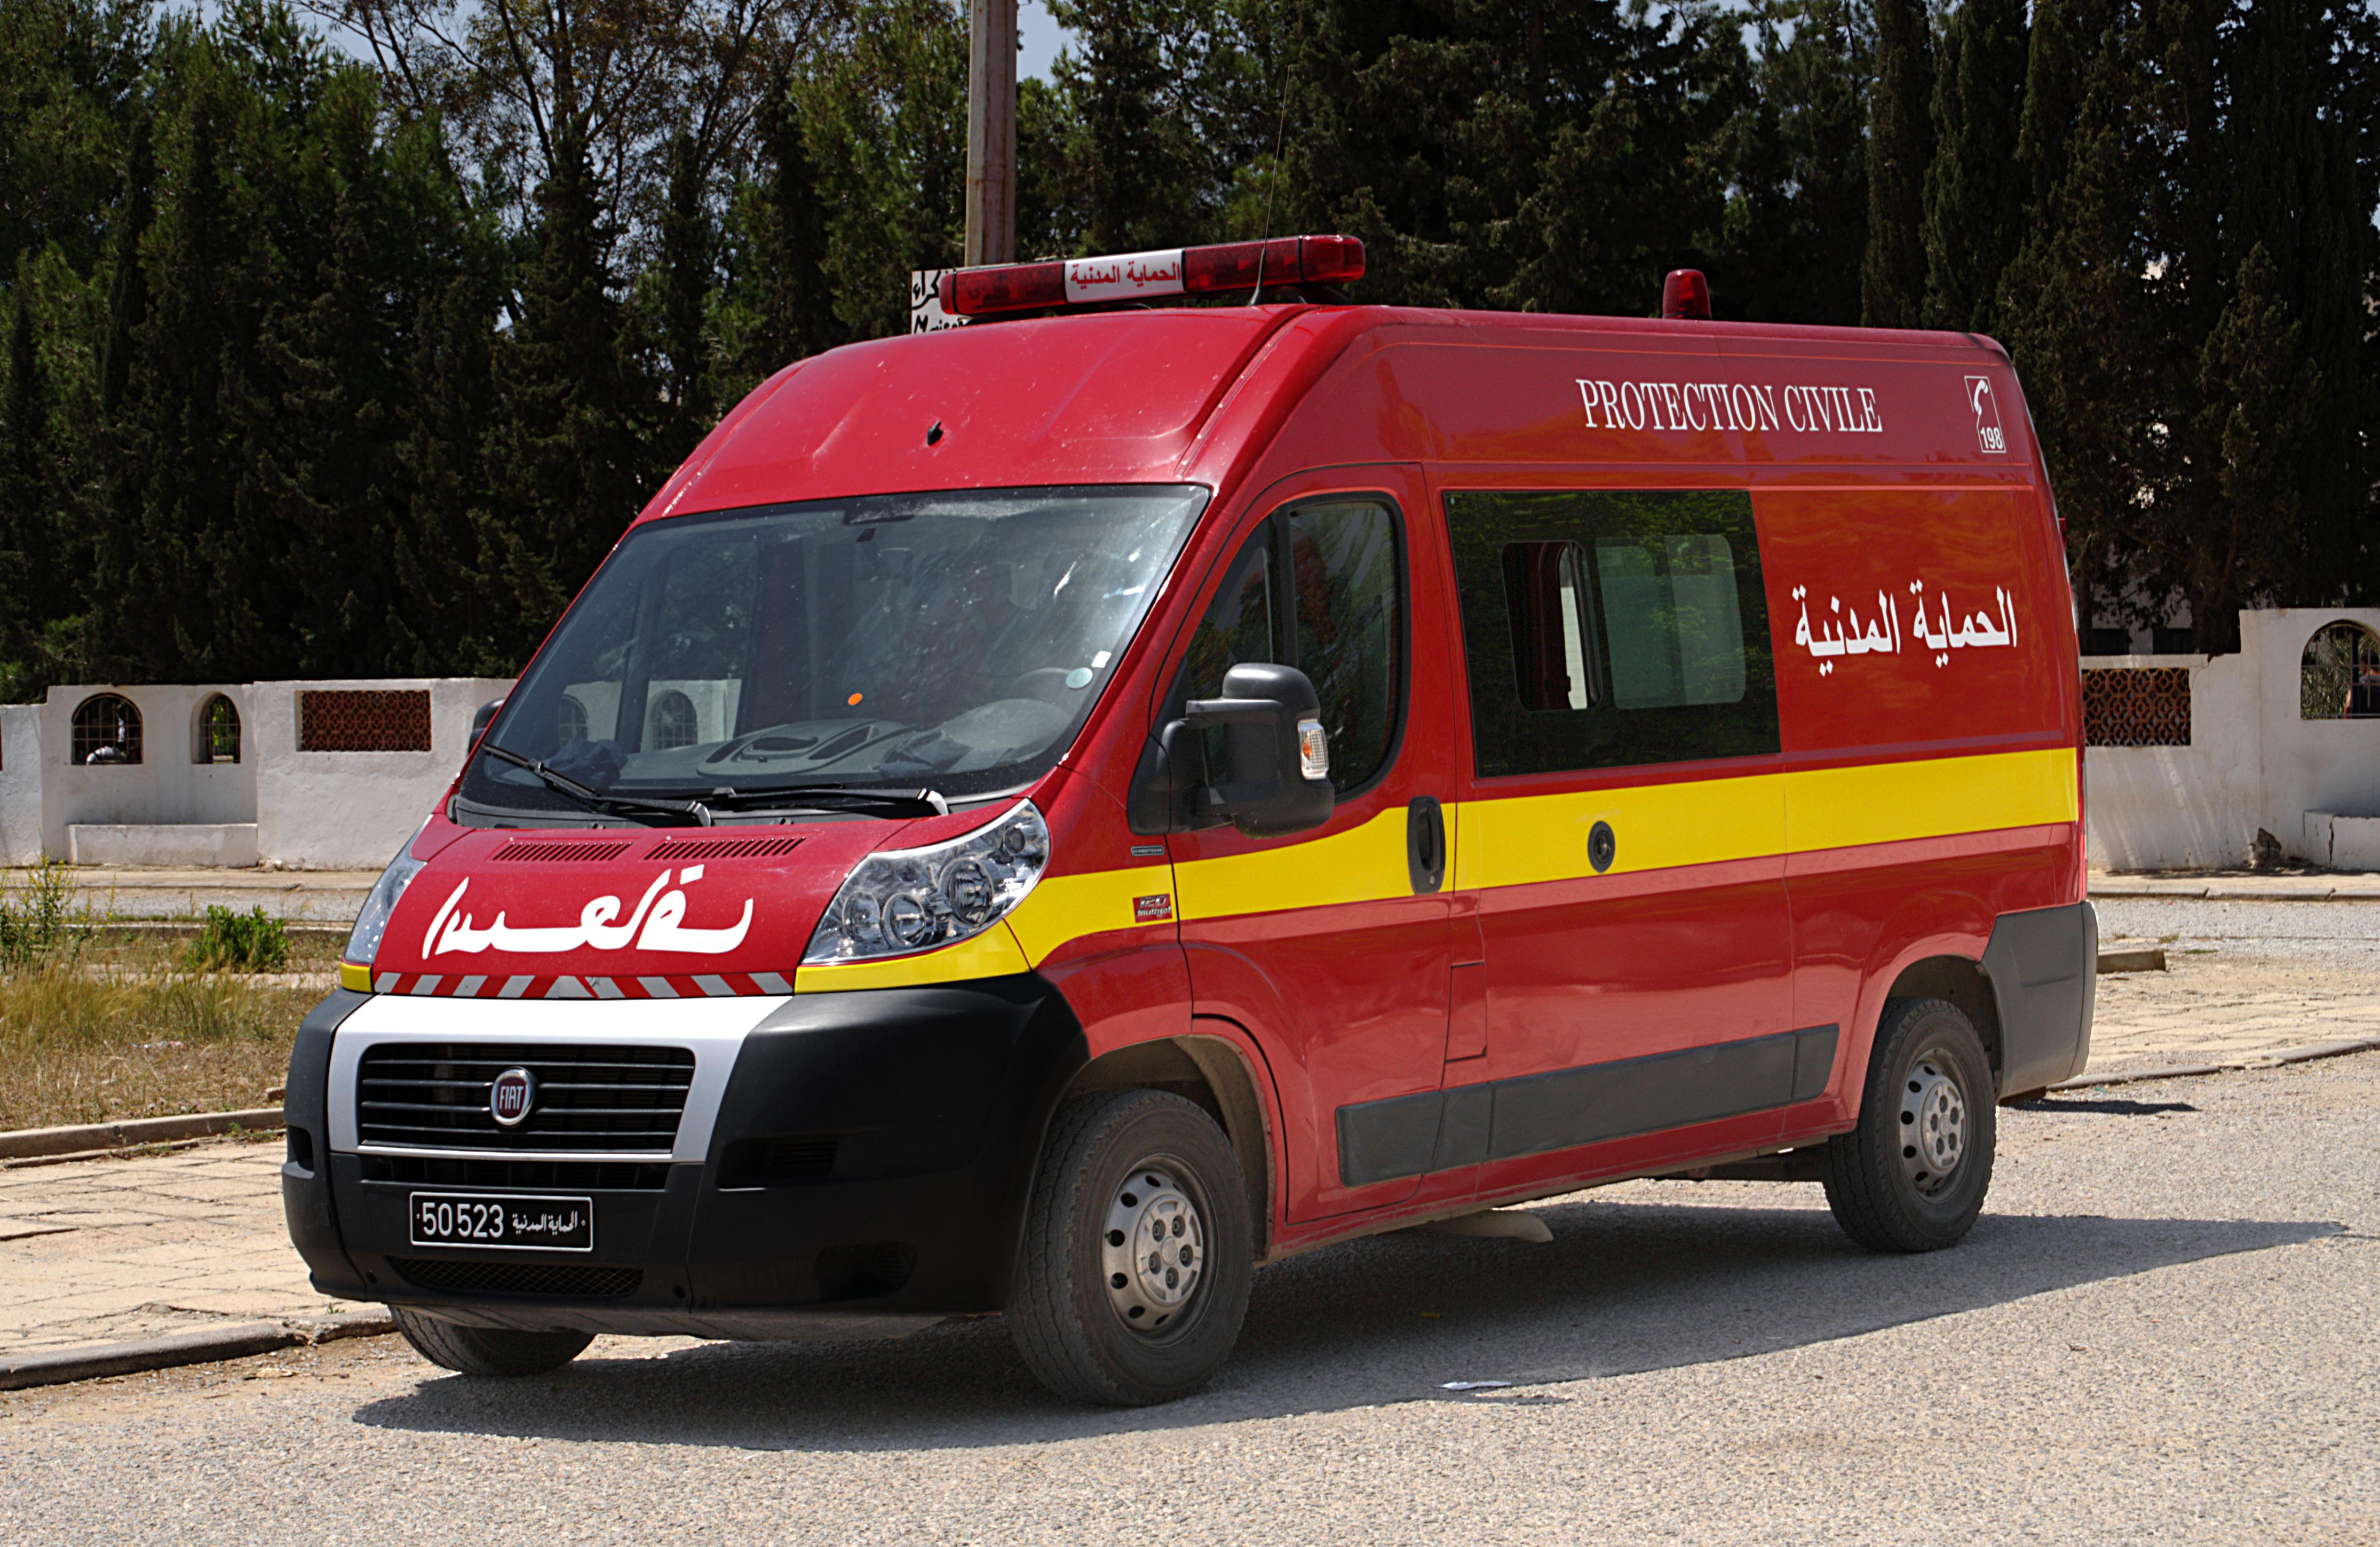 Protection civile: Plus de 340 interventions en une seule journée